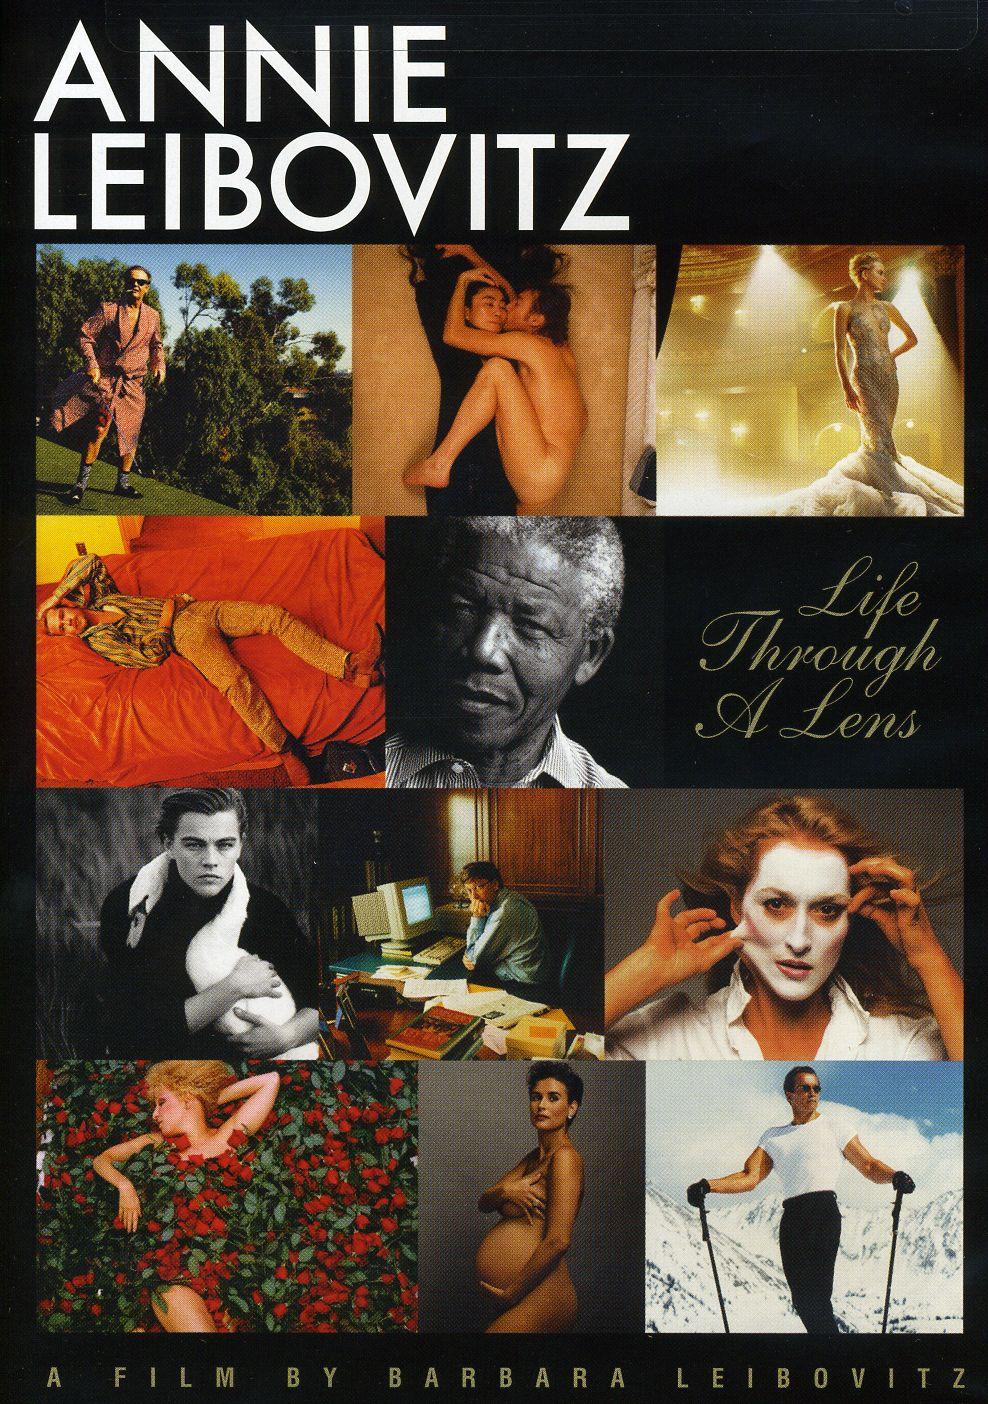 Die besten Fashion Dokus aller Zeiten: Annie Leibovitz - Life through a lens